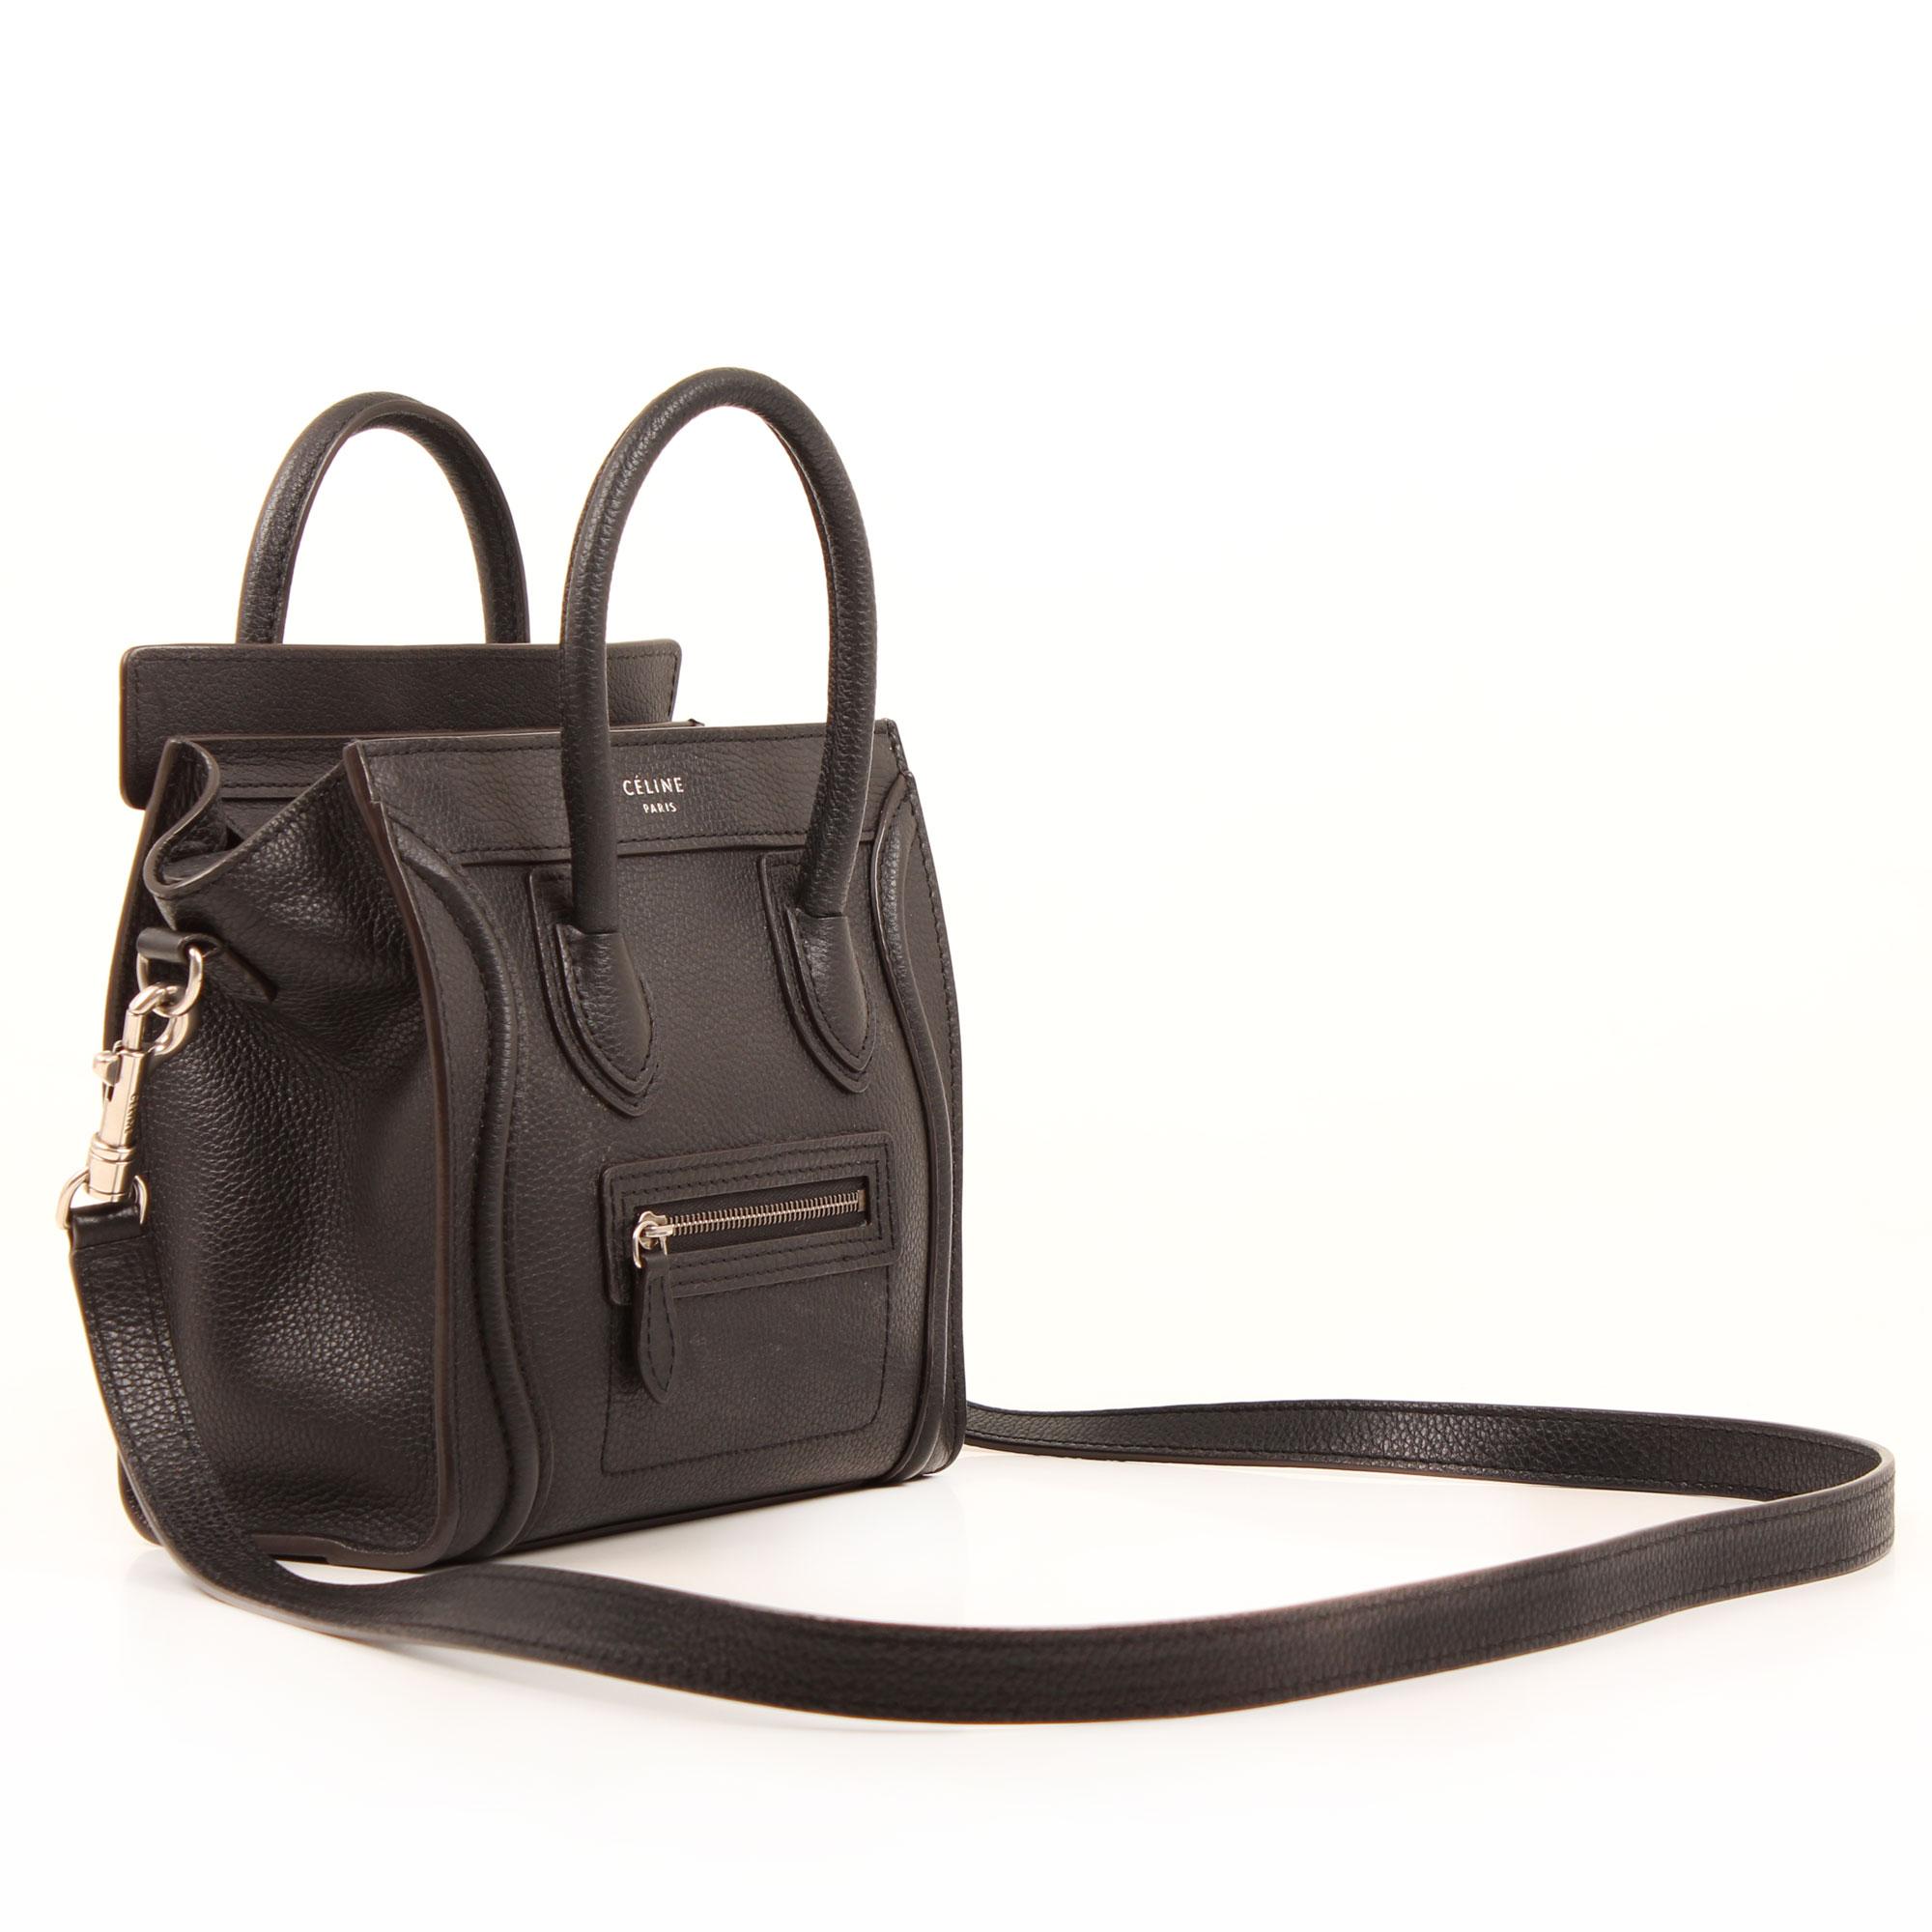 Imagen del bolso con bandolera celine nano luggage negro piel becerro